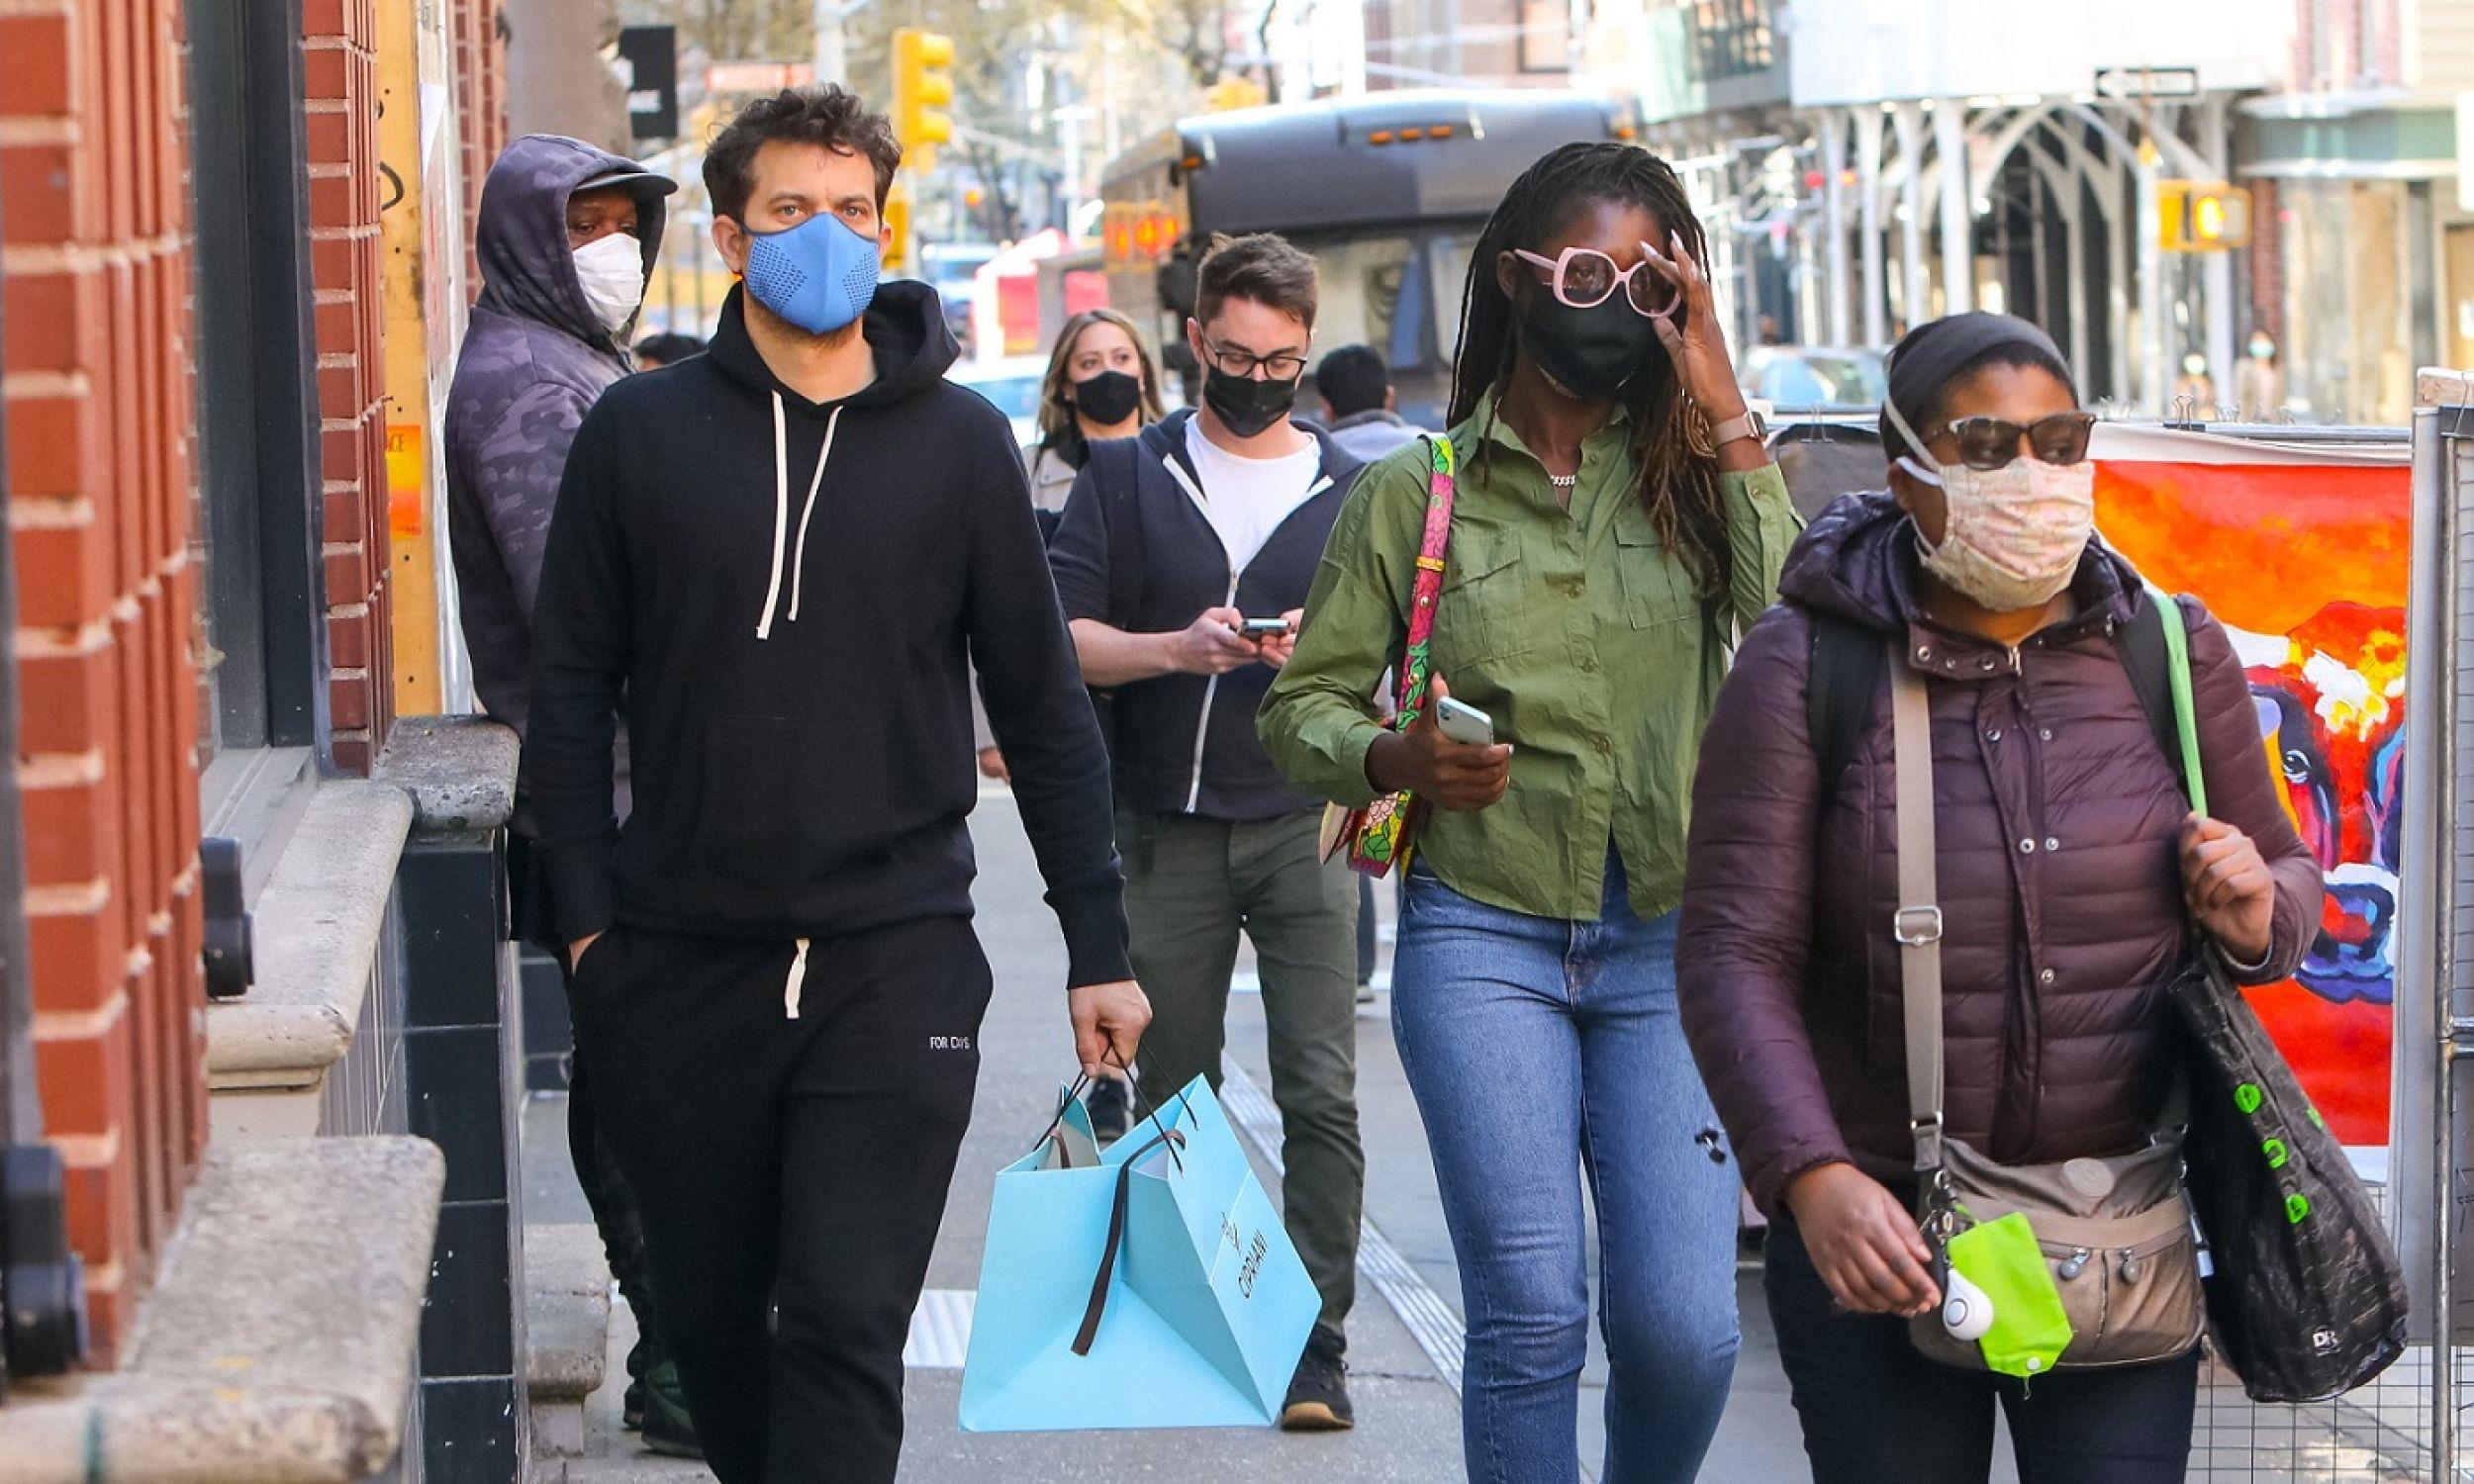 """Jeszcze do niedawna listę rzeczy z gatunku """"must have"""" otwierały dżinsy. To przeszłość – zastąpiły je spodnie dresowe. Kanadyjsko-amerykański aktor  Joshua Jackson ubrany w desy, z żoną Jodie Turner Smith, która """"po staremu"""" wybrała dżinsy, kwieceń 2021 roku w Nowym Jorku. Fot. Jose Perez / Bauer-Griffin / GC Images"""